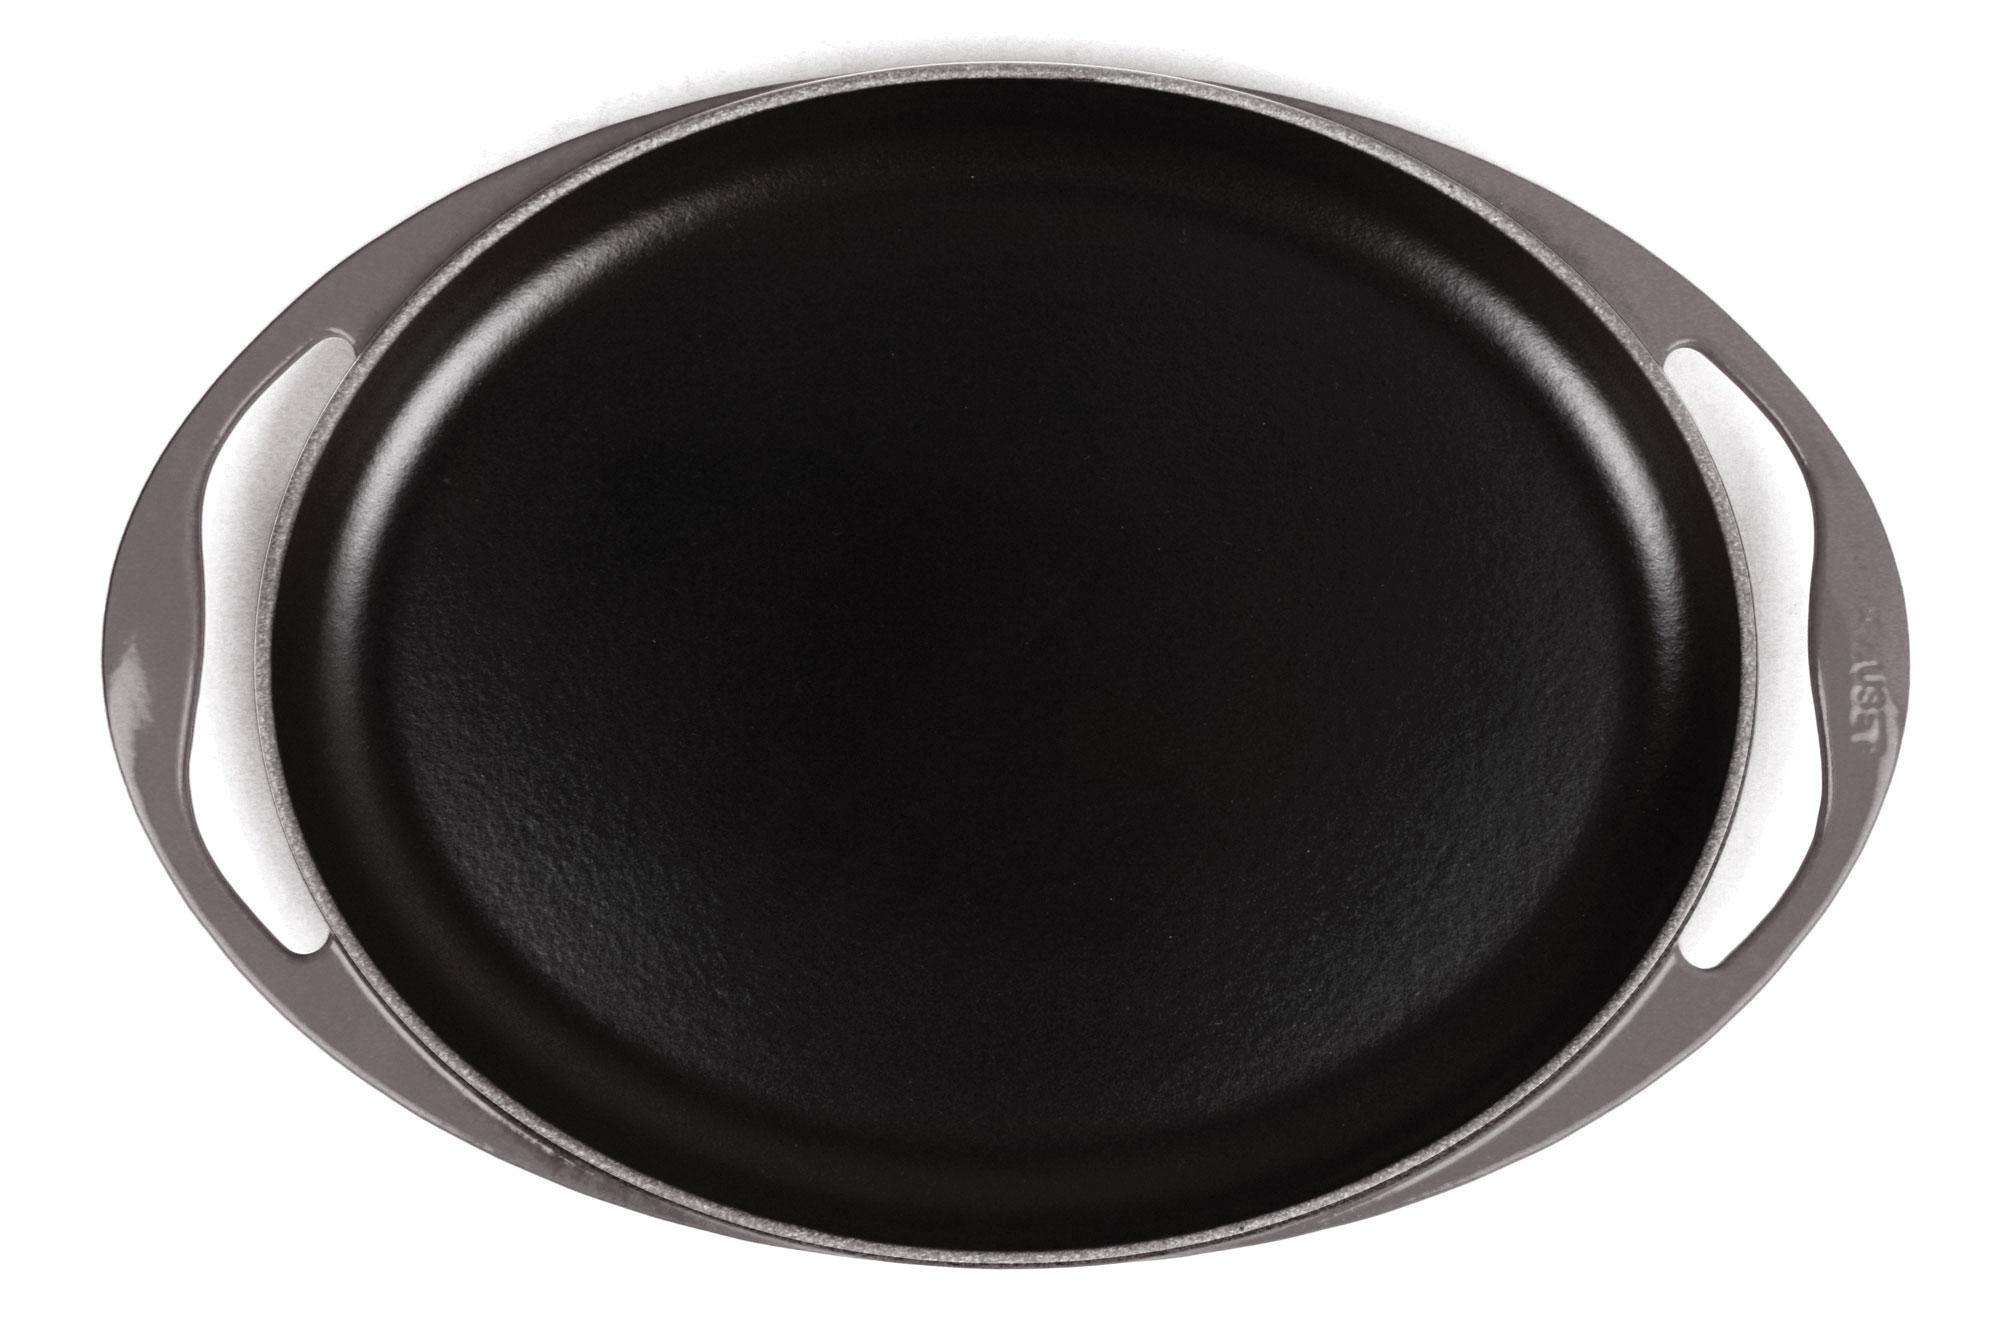 Le Creuset Cast Iron Sizzle Platter Oval Griddle 12